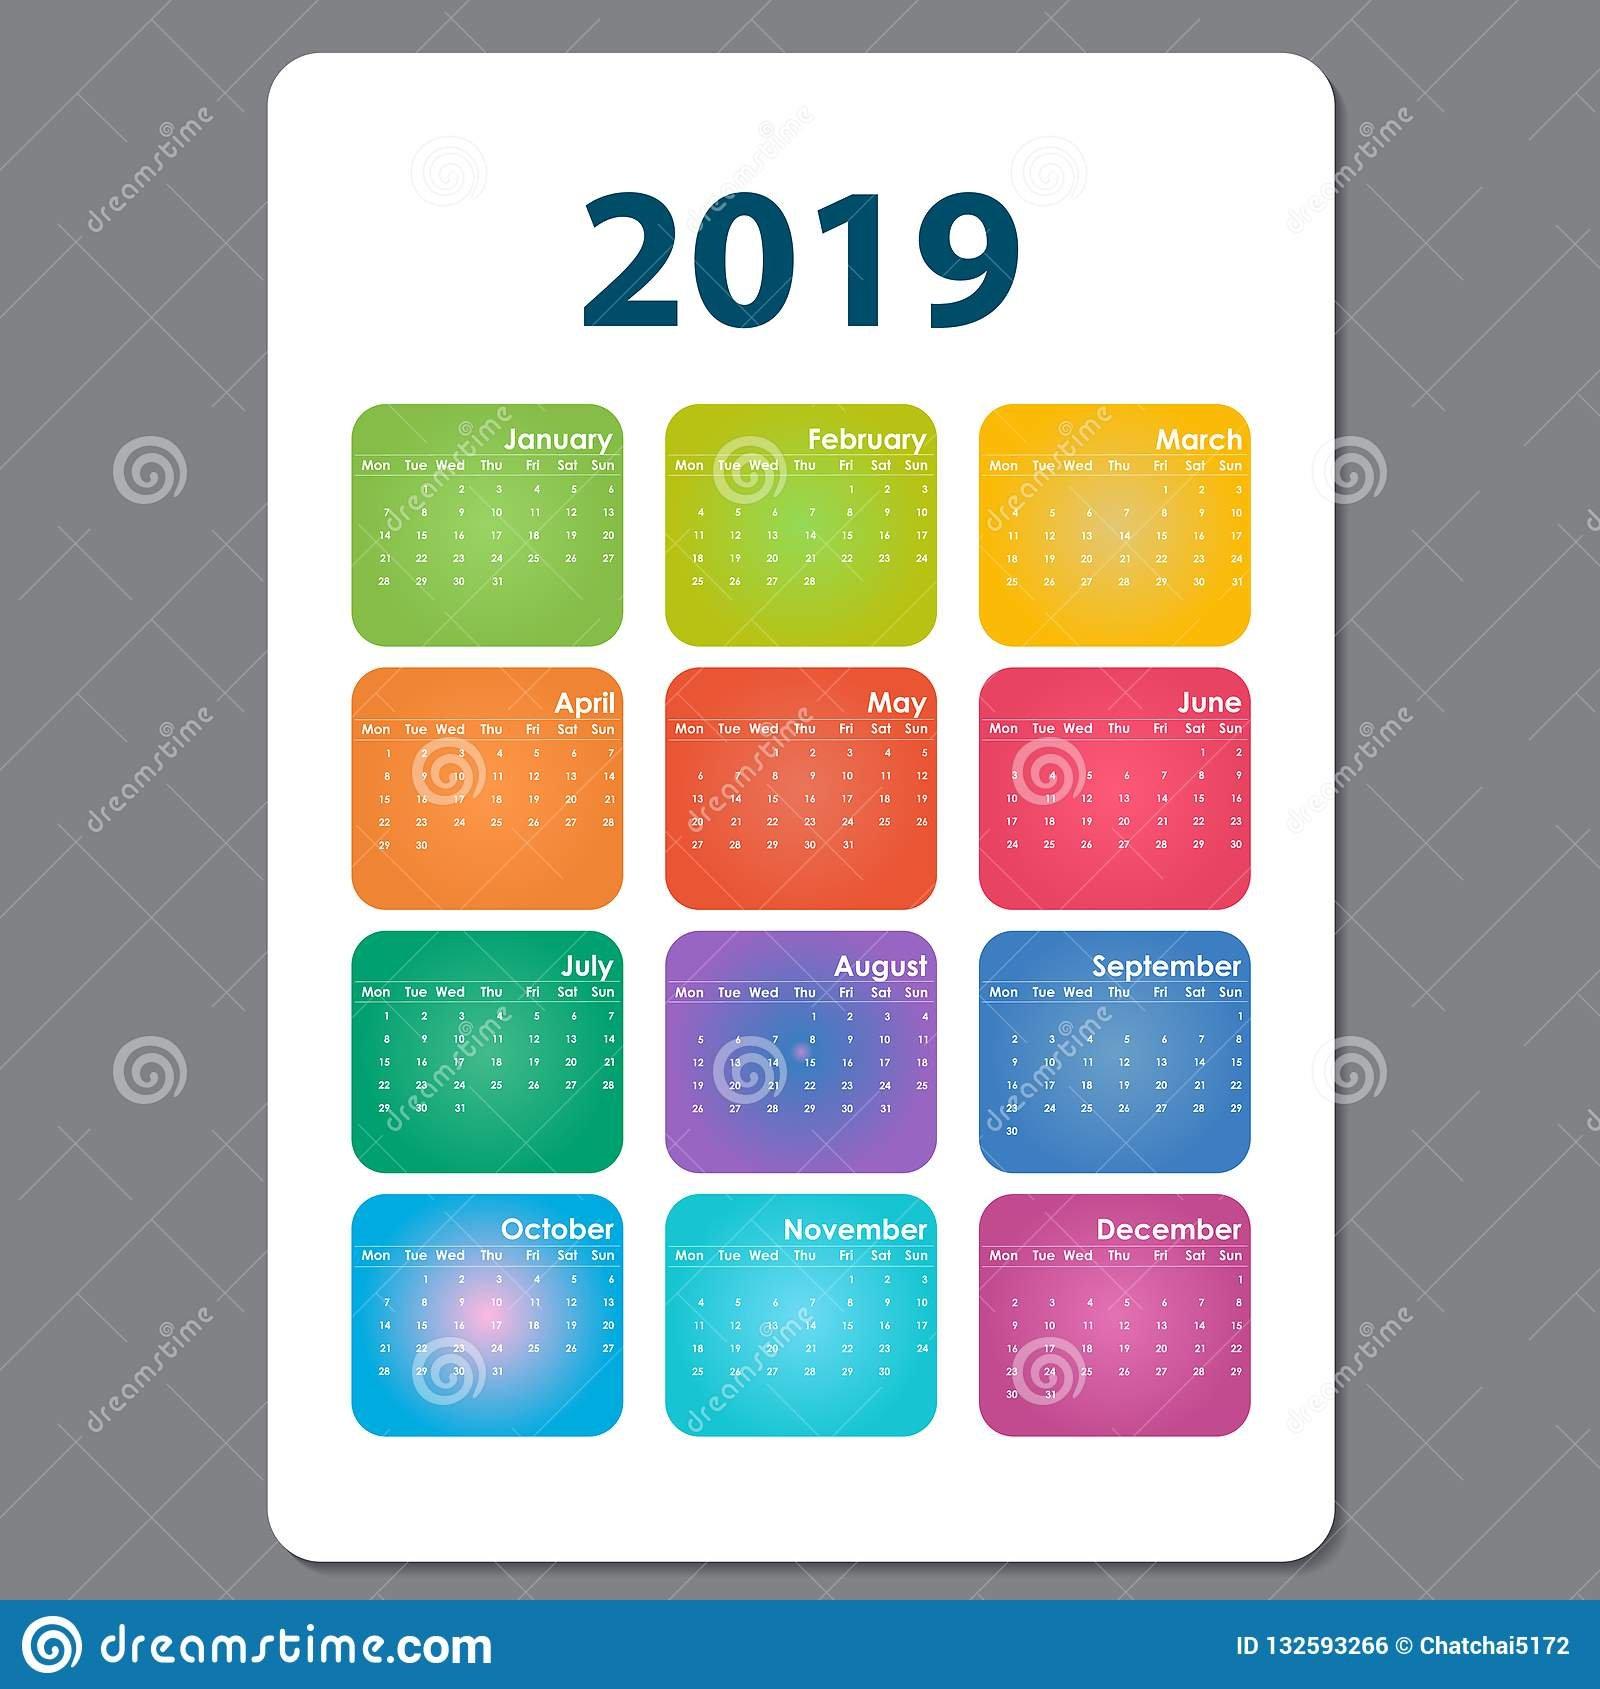 2019 Calendar Template.calendar 2019 Set Of 12 Months.yearly Cal Calendar 2019 Cool